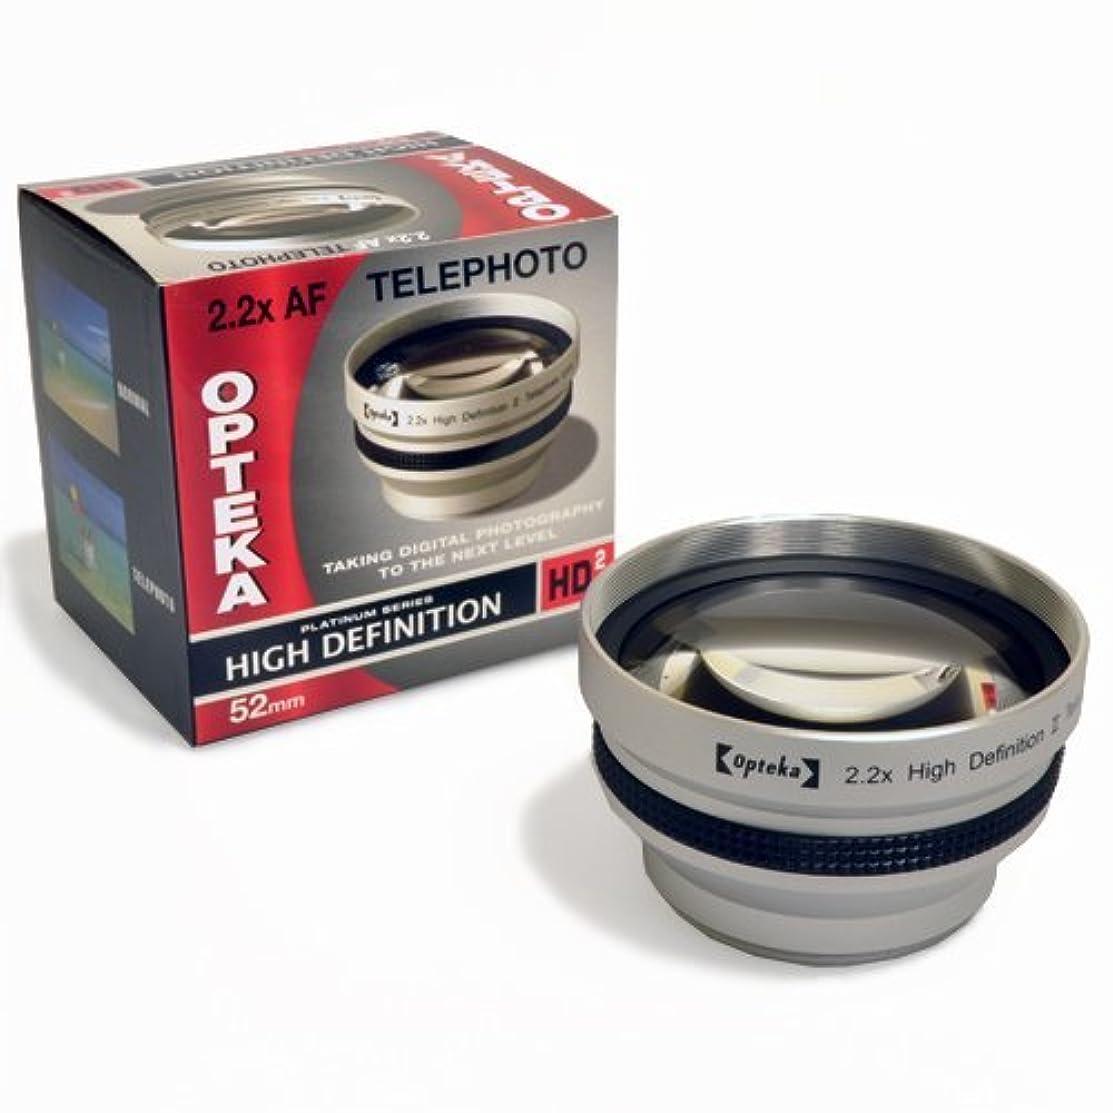 Opteka 2.2X HD2 Telephoto Lens for Fuji S5500 S5200 S5100 S5000